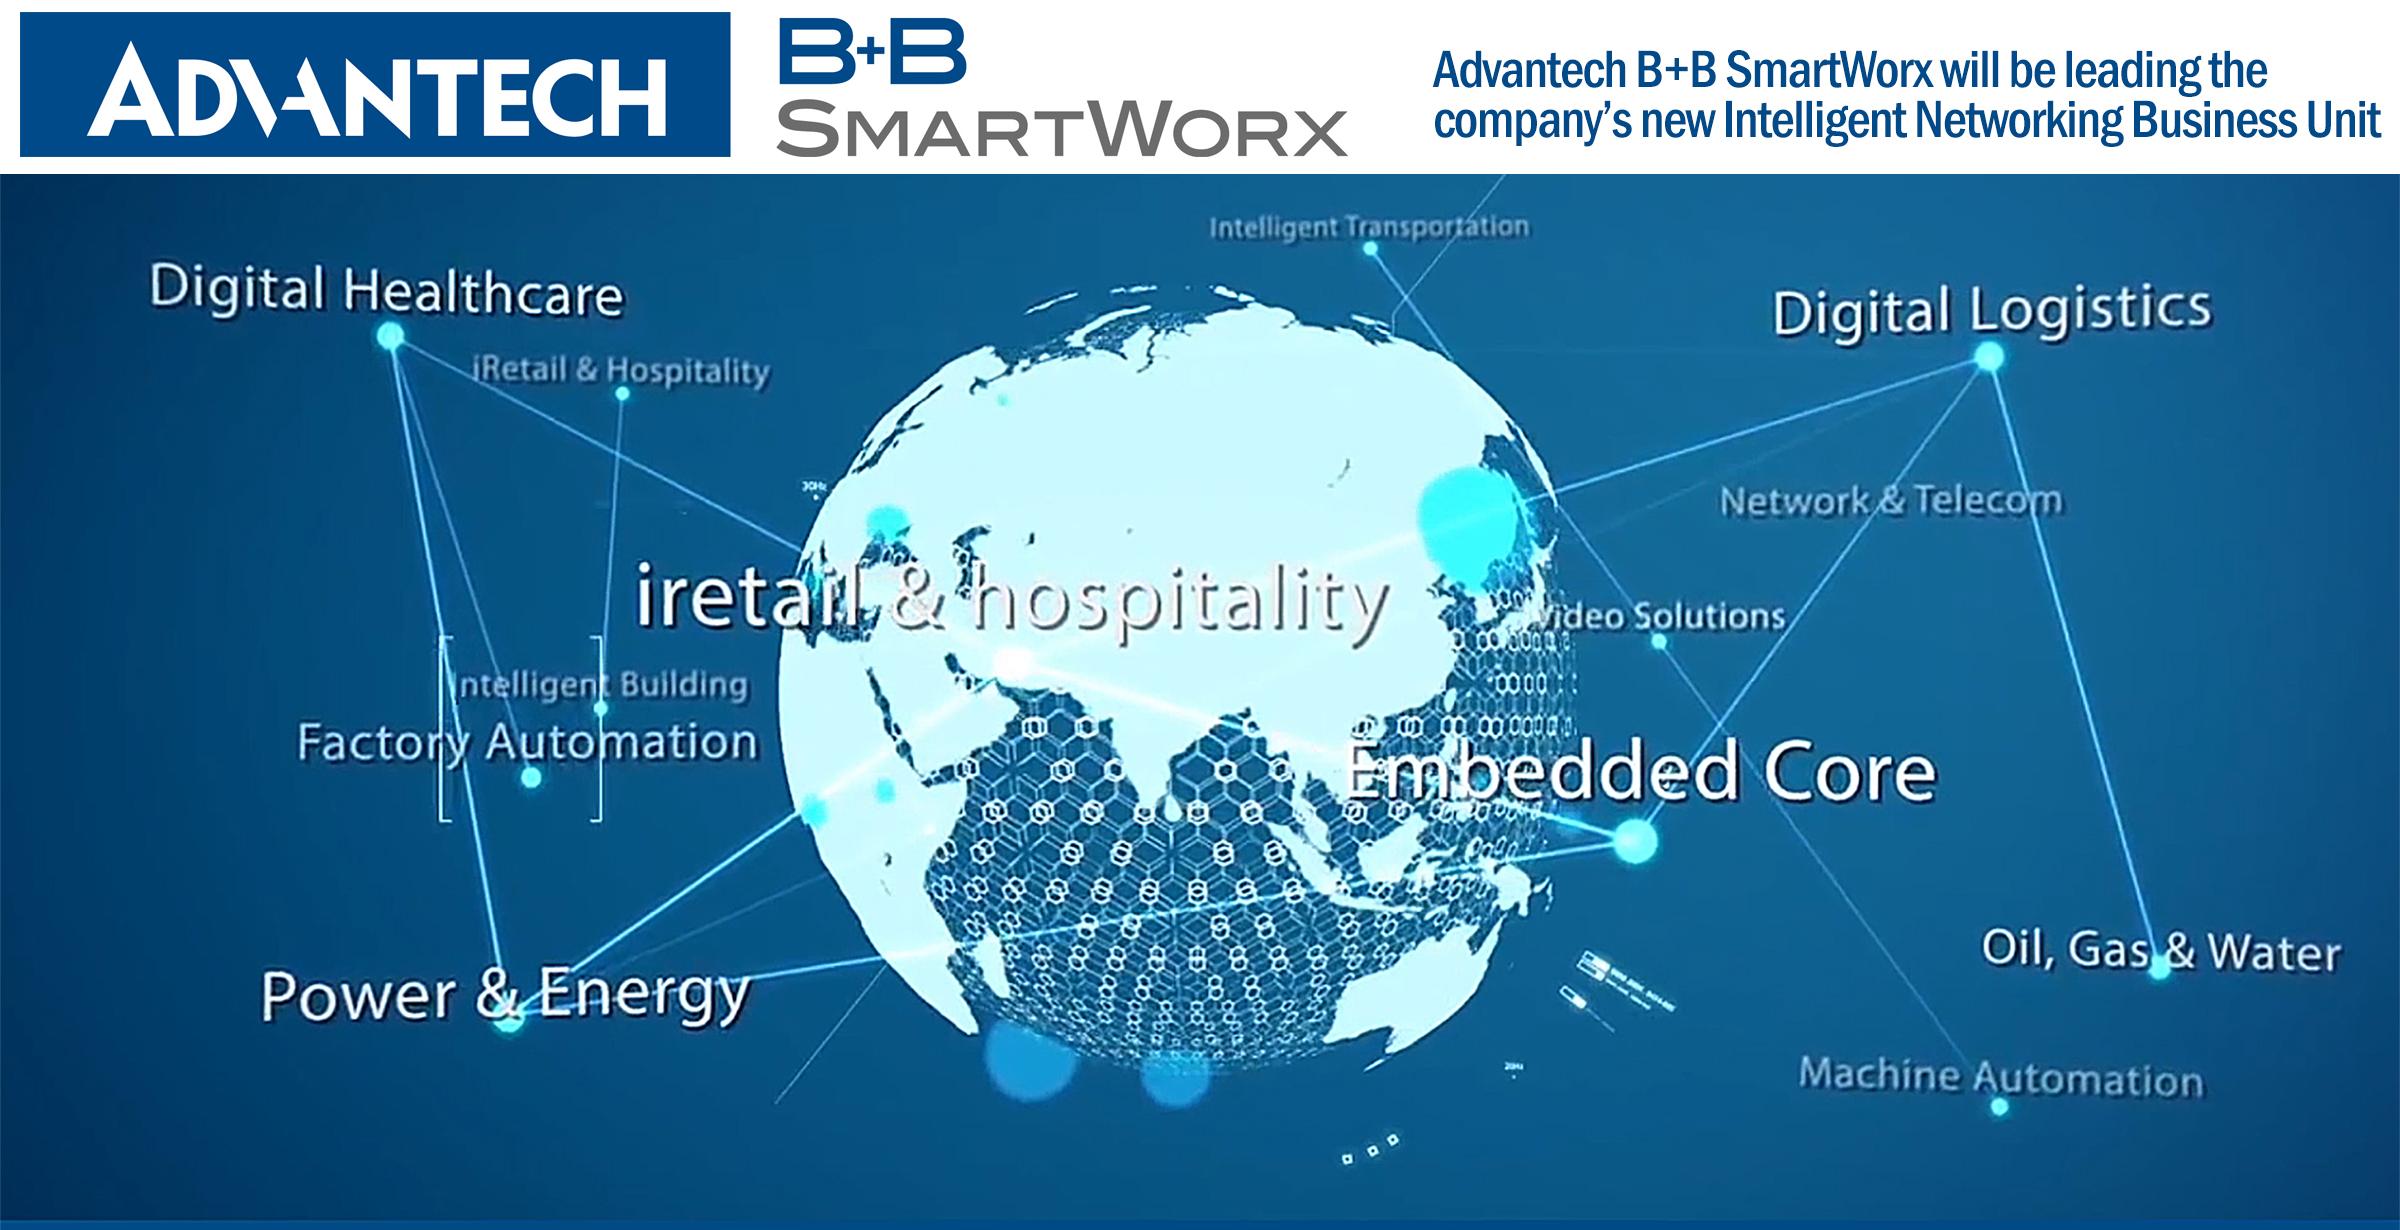 0071-Eu- Advantech-B+B SmartWorx